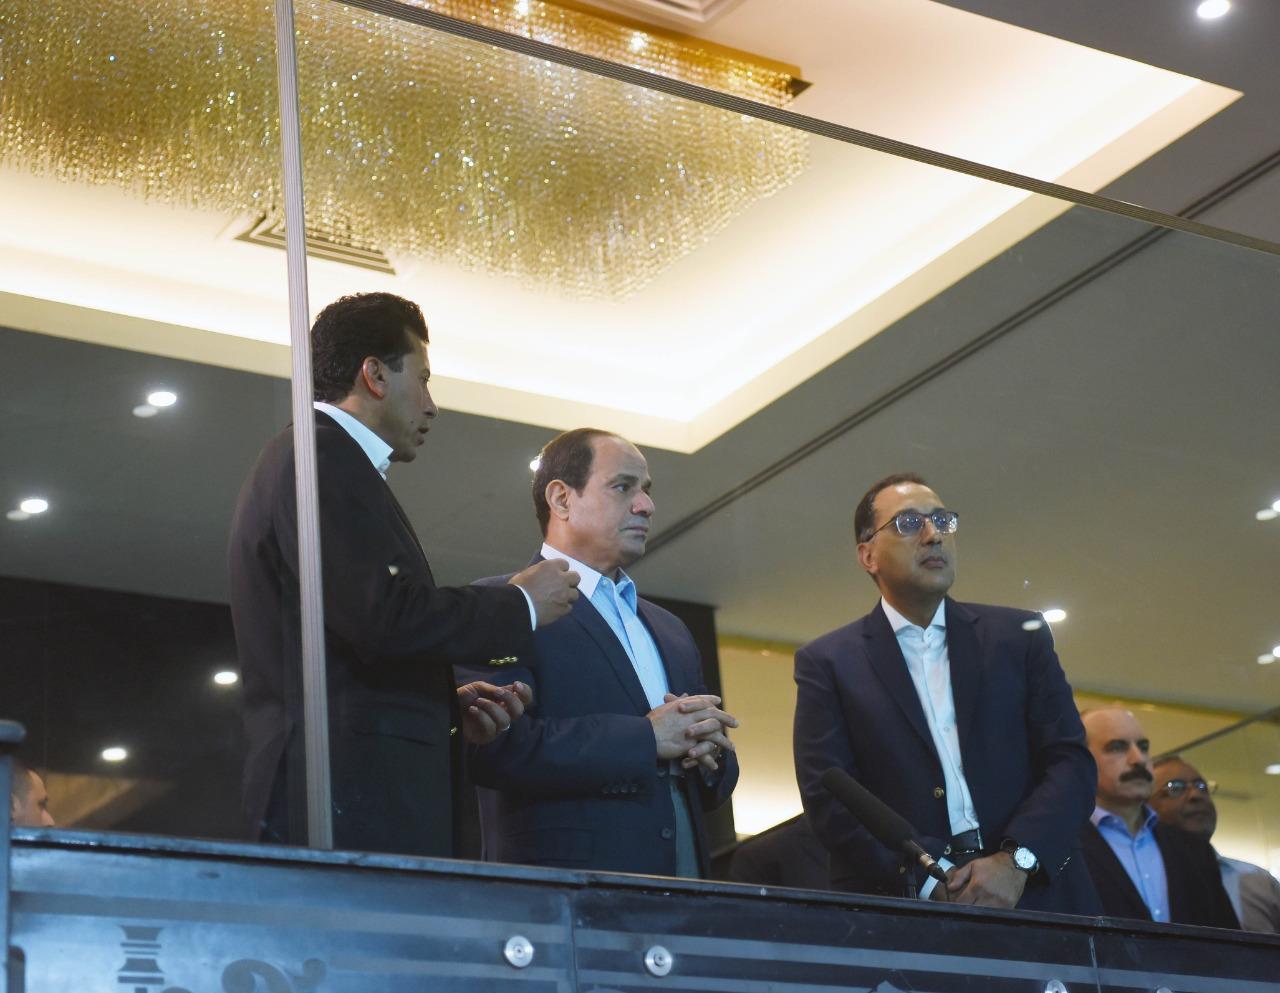 صور| الرئيس السيسي يتفقد إستاد القاهرة لمتابعة الترتيبات النهائية لانطلاق بطولة كأس الأمم الأفريقية